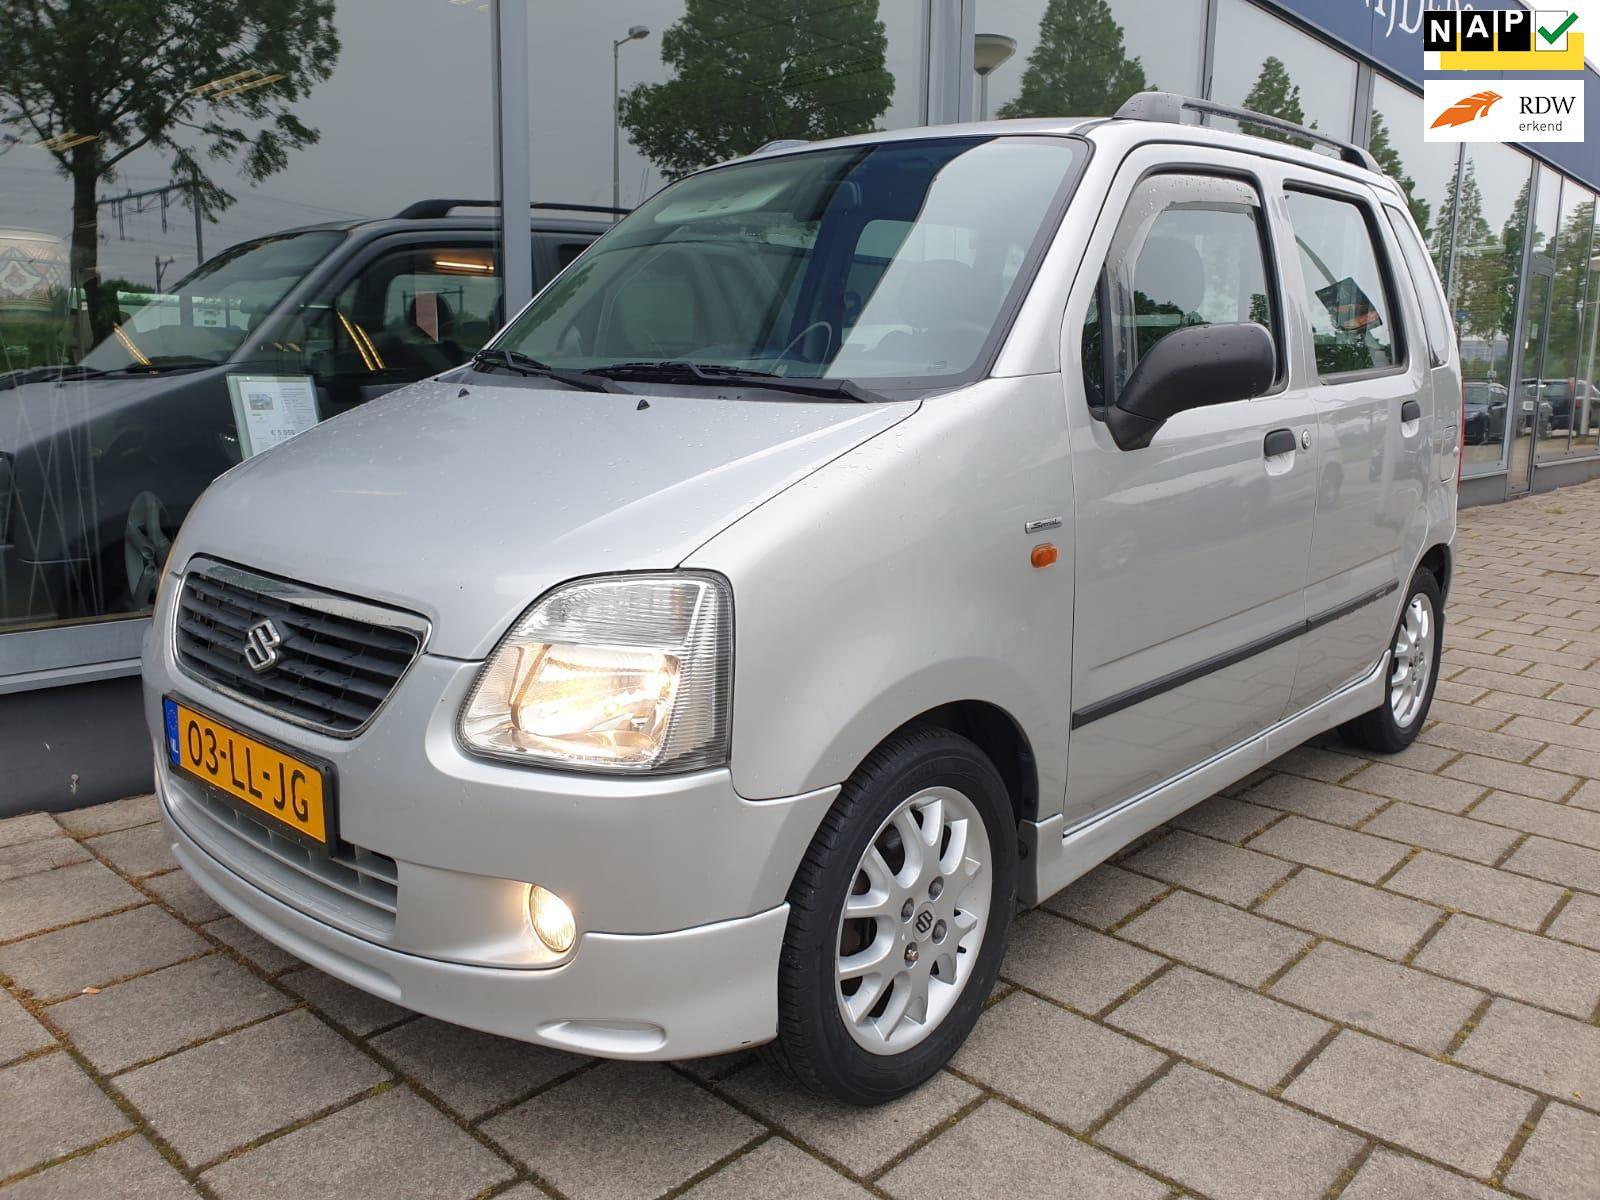 Suzuki Wagon R occasion - Automobielbedrijf Snijders